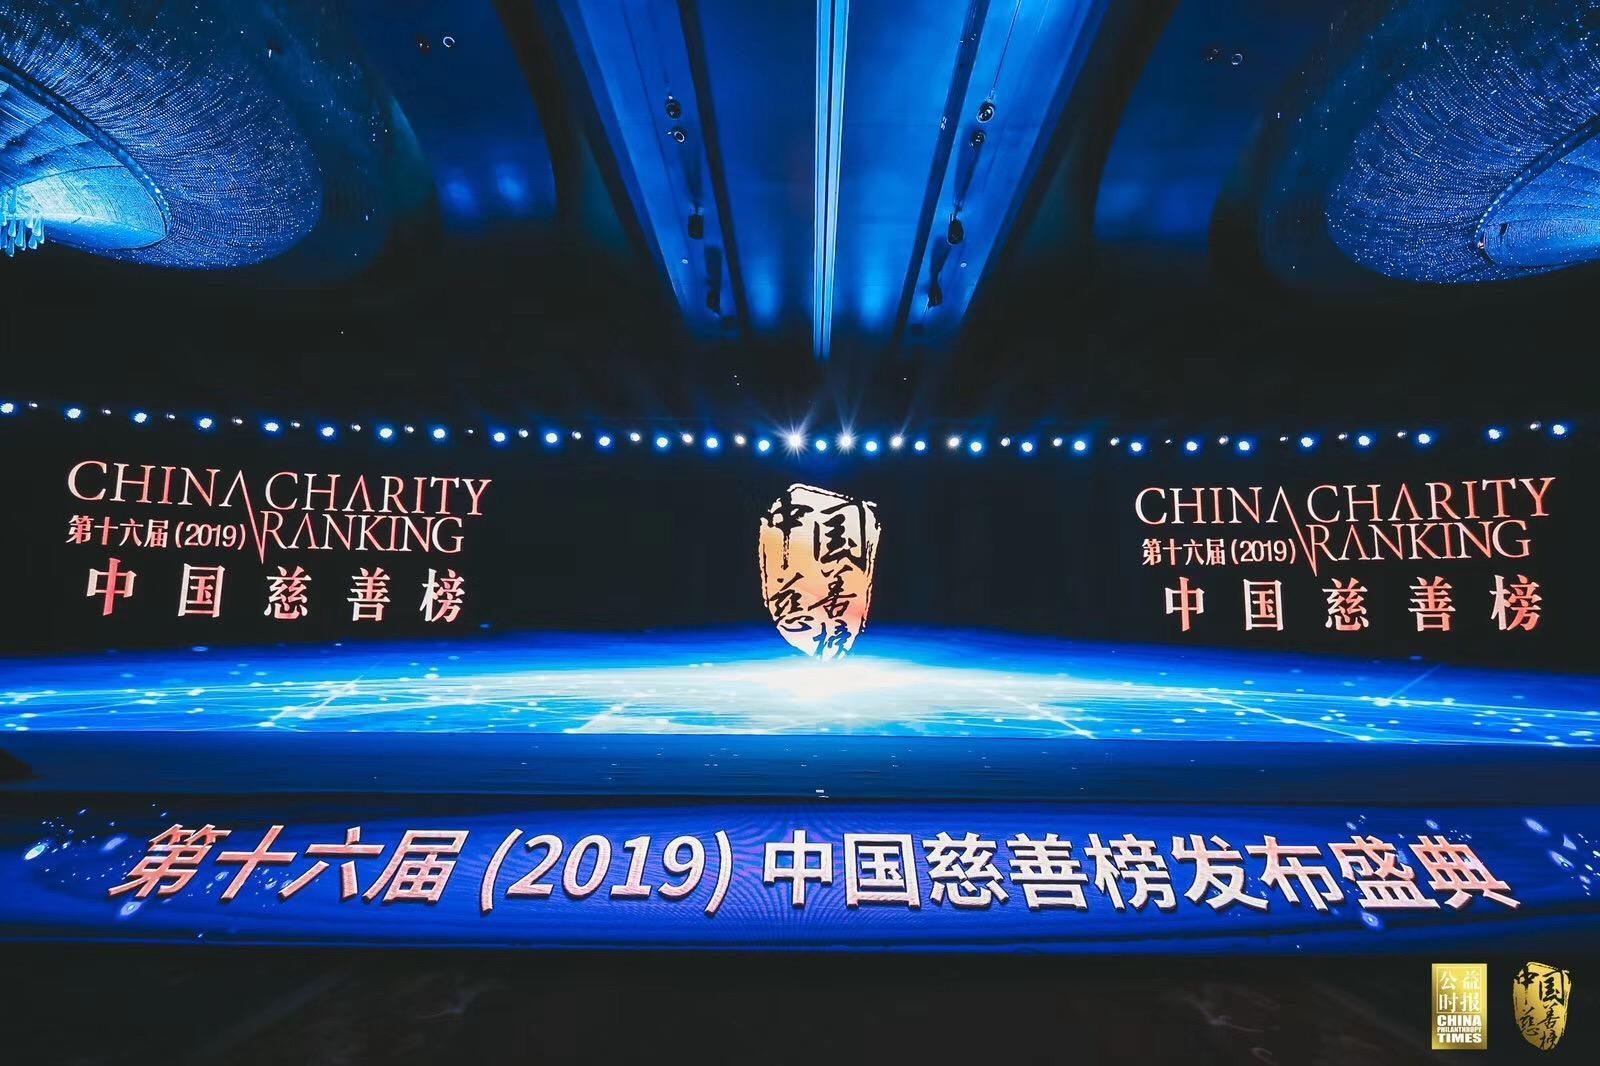 第十六届(2019)中国慈善榜在京发布中华儿慈会获年度榜样基金会